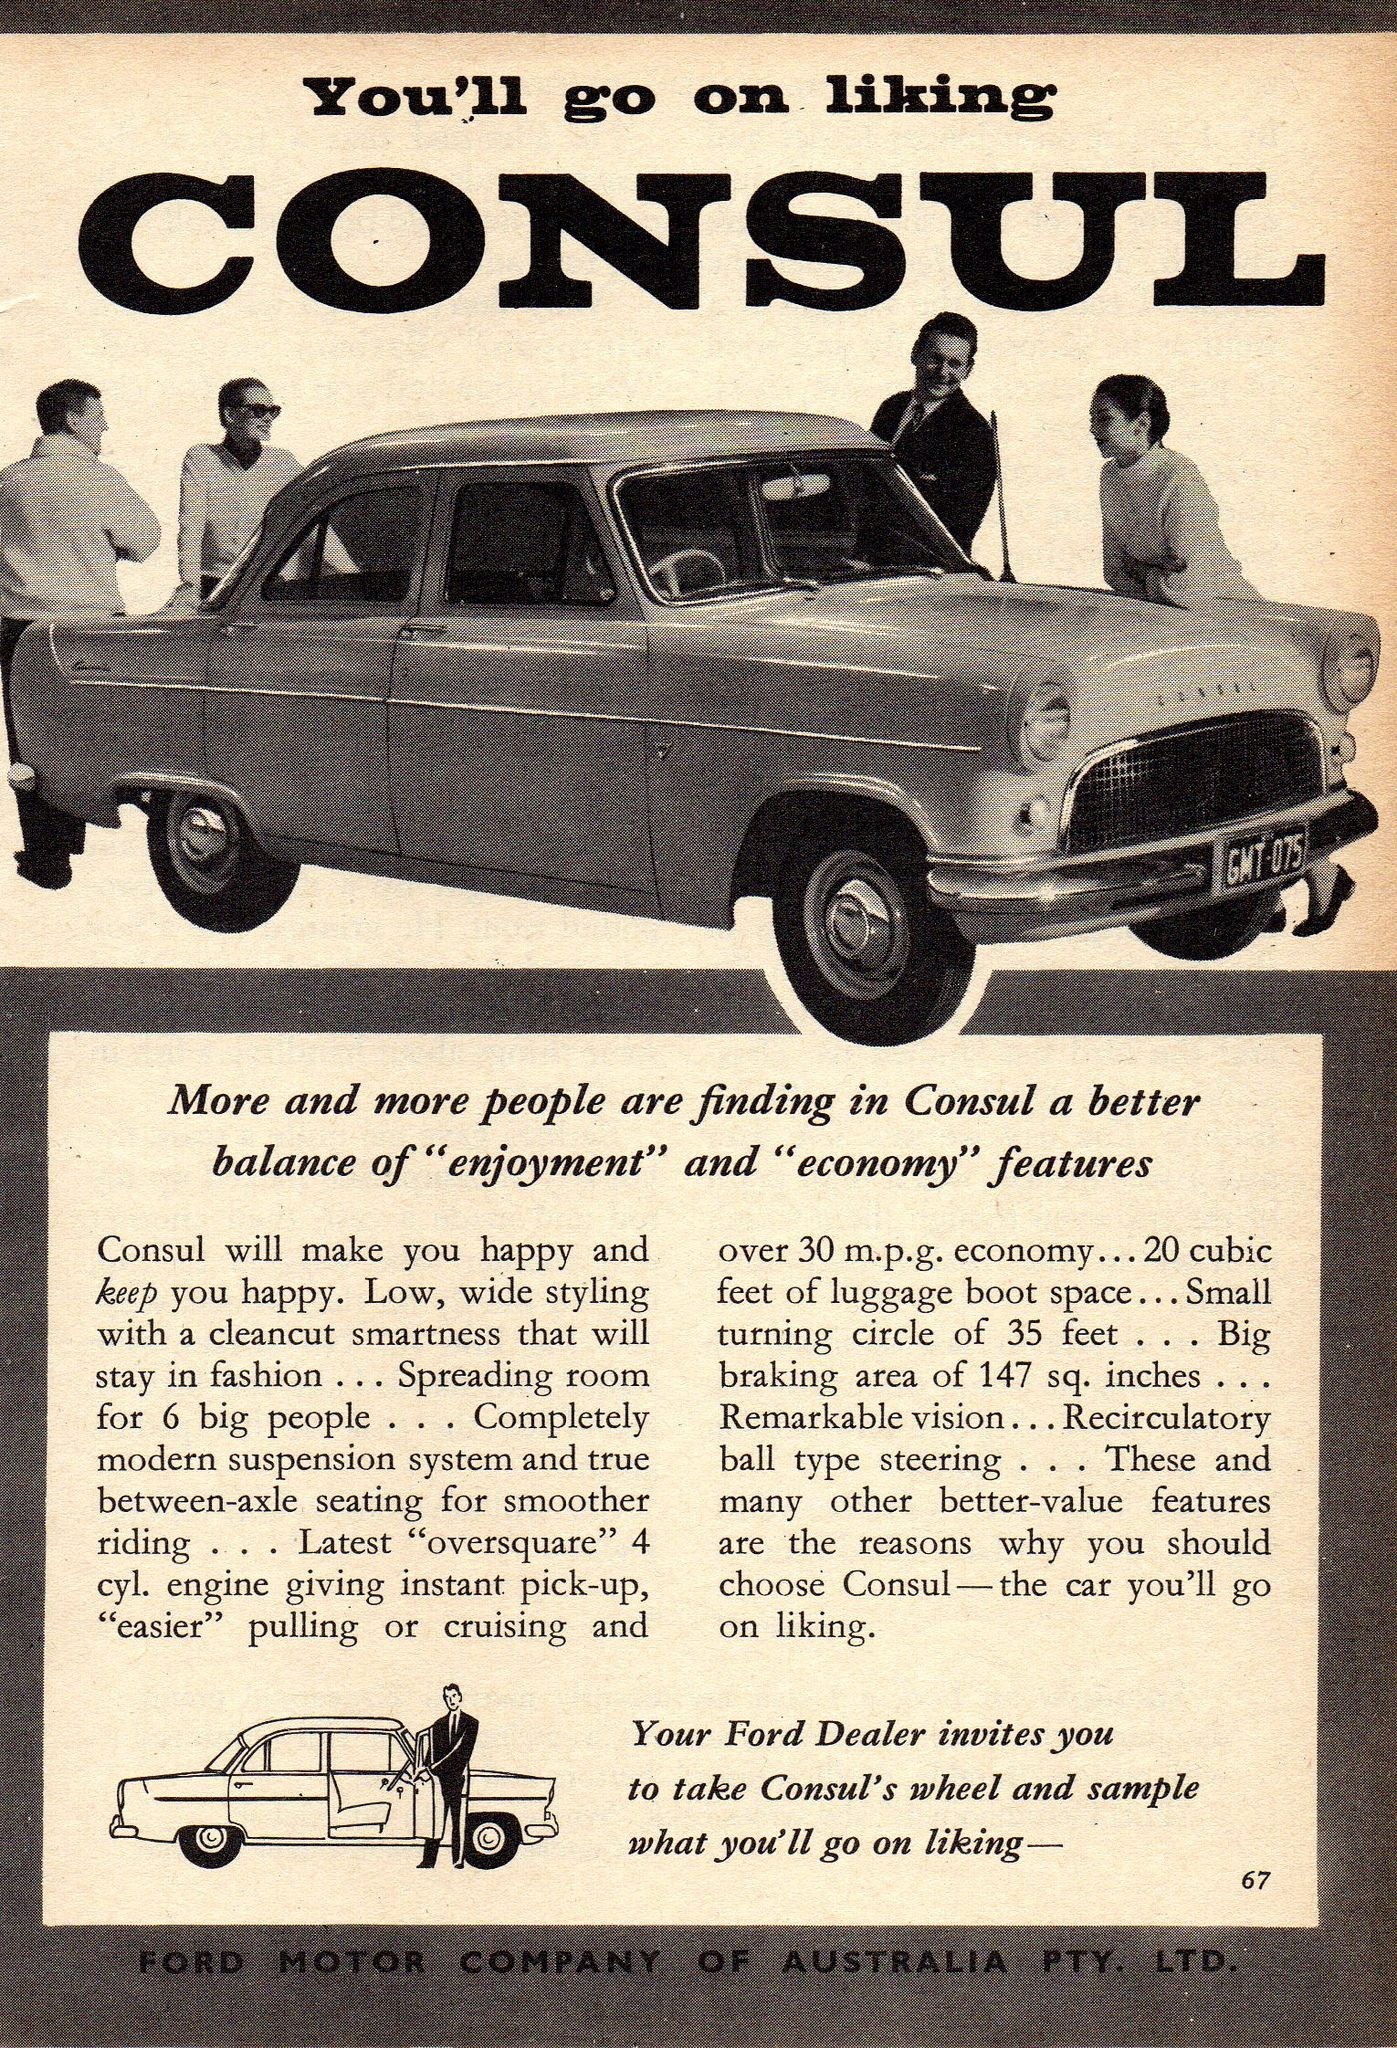 1964 Ford Zephyr Mk Iii Ford Zephyr Classic Cars British